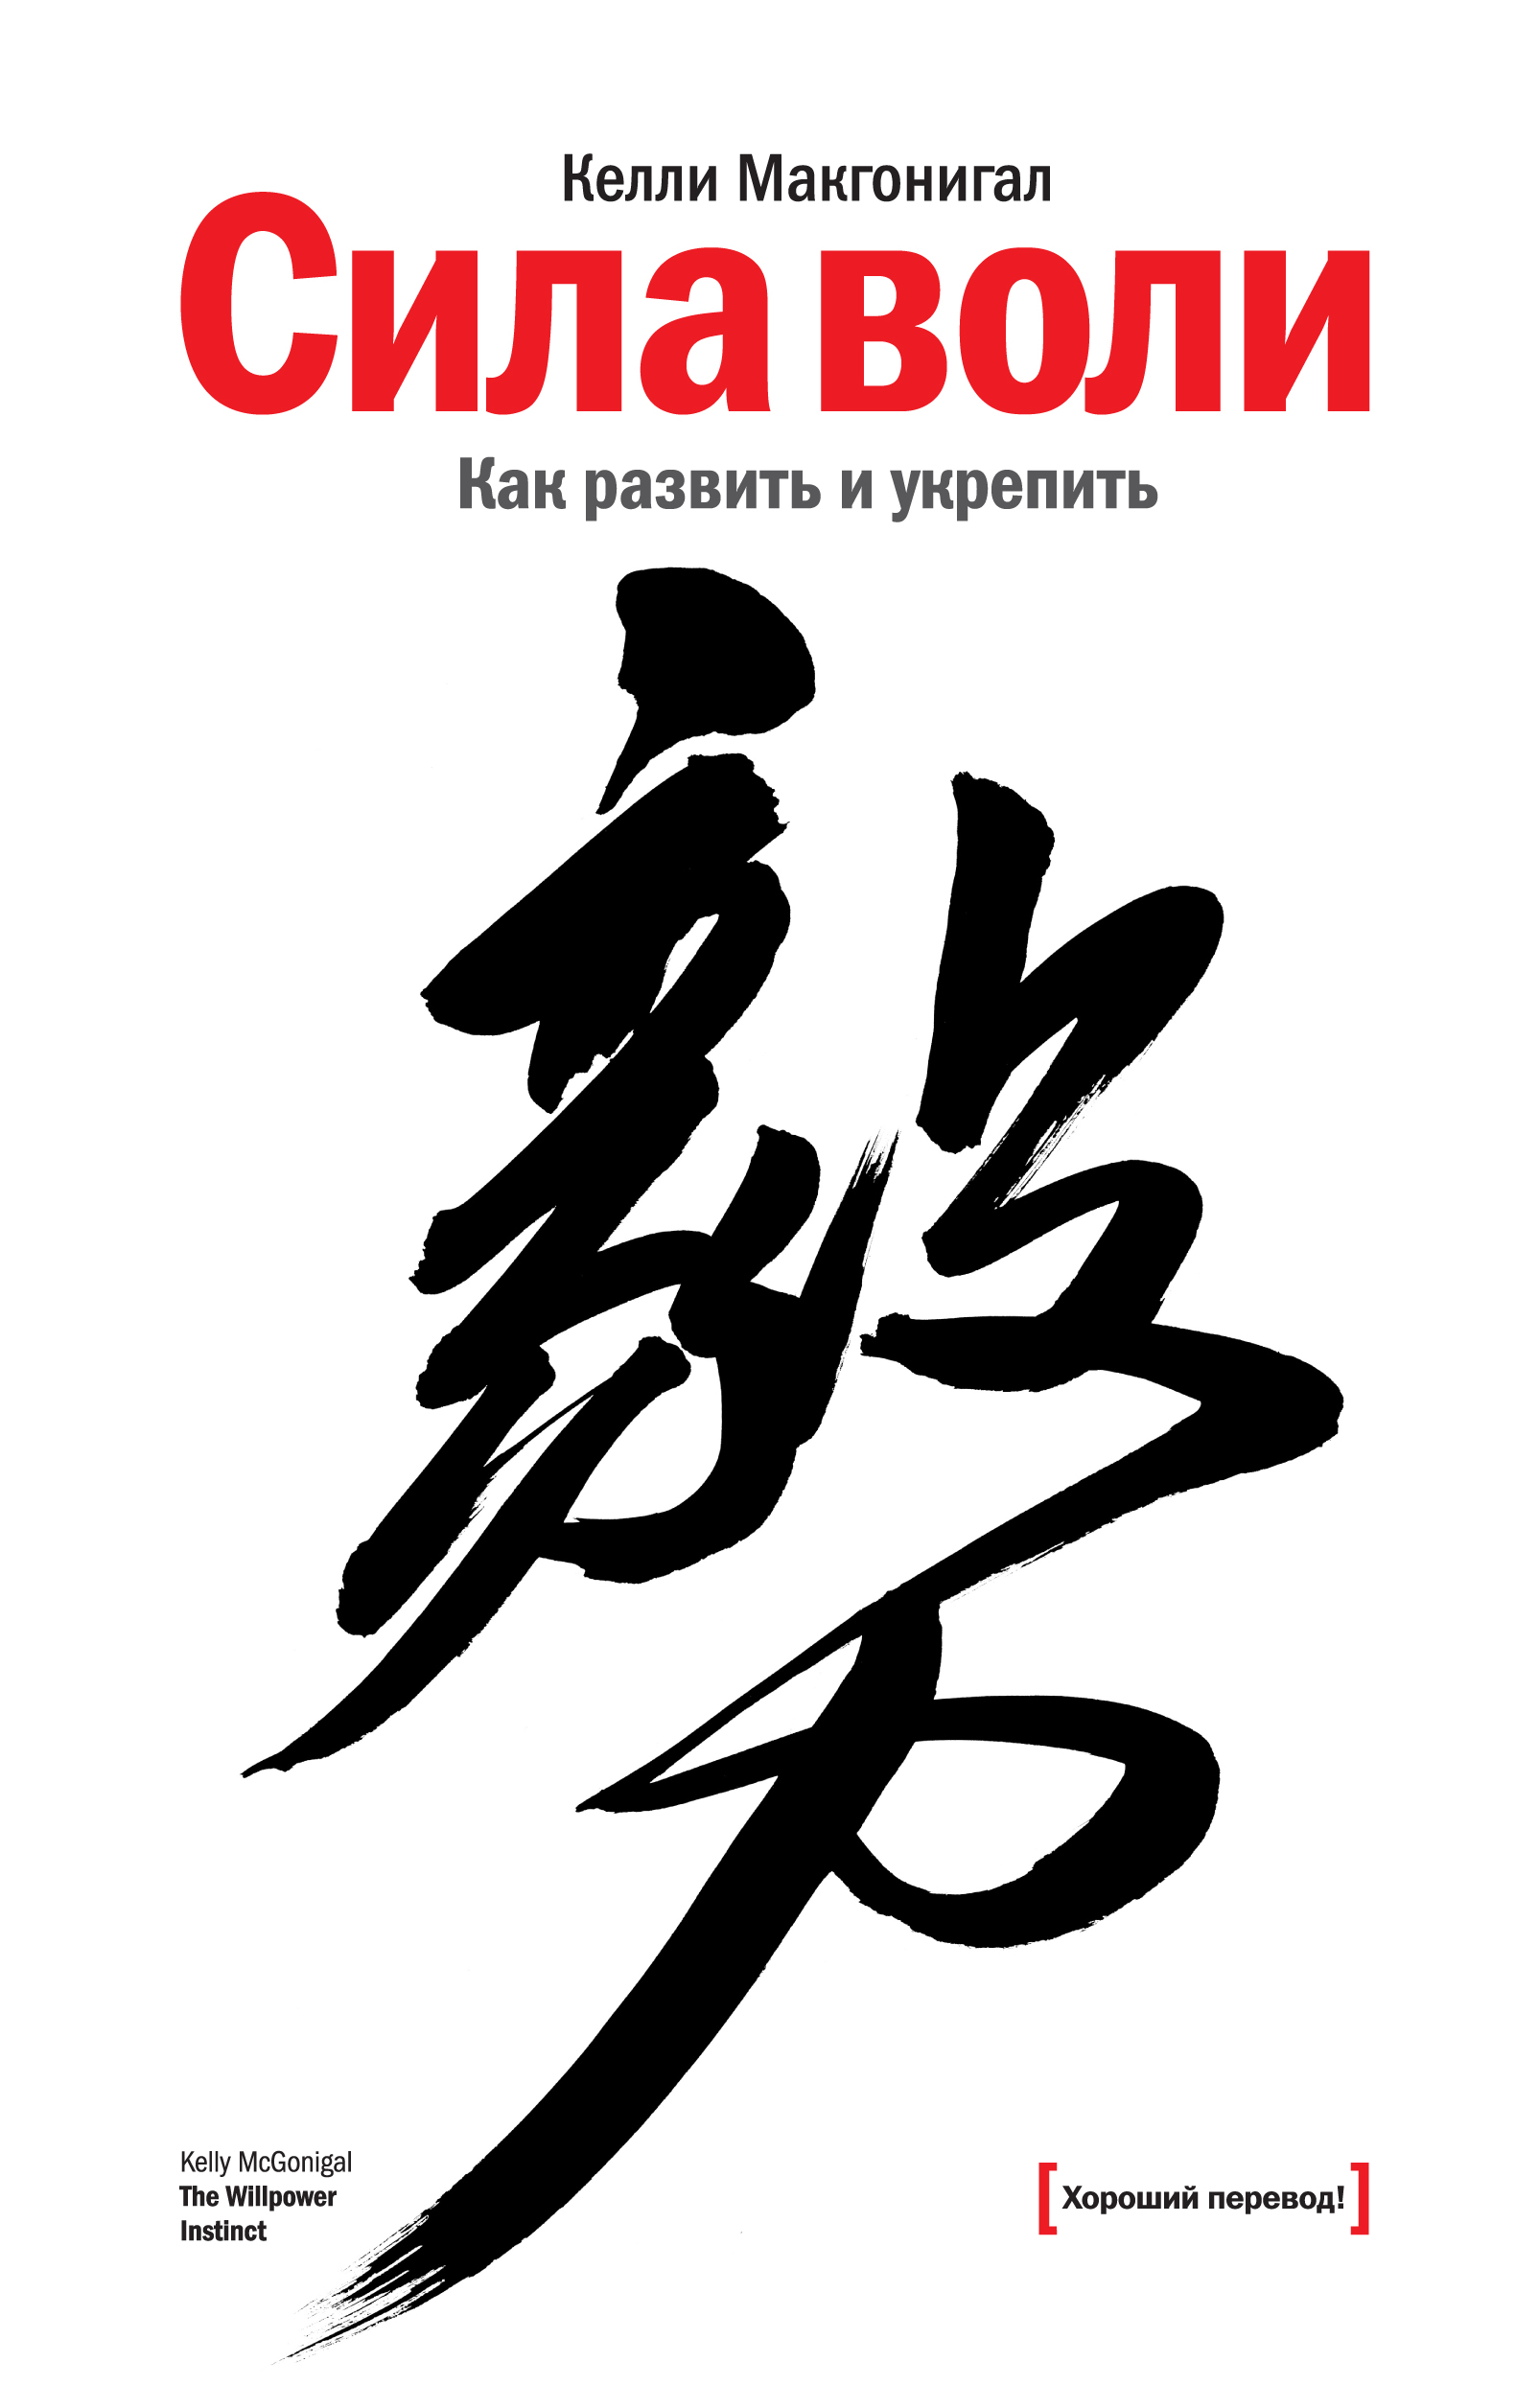 Магконигал К. Сила воли. Как развить и укрепить келли макгонигал сила воли как развить и укрепить